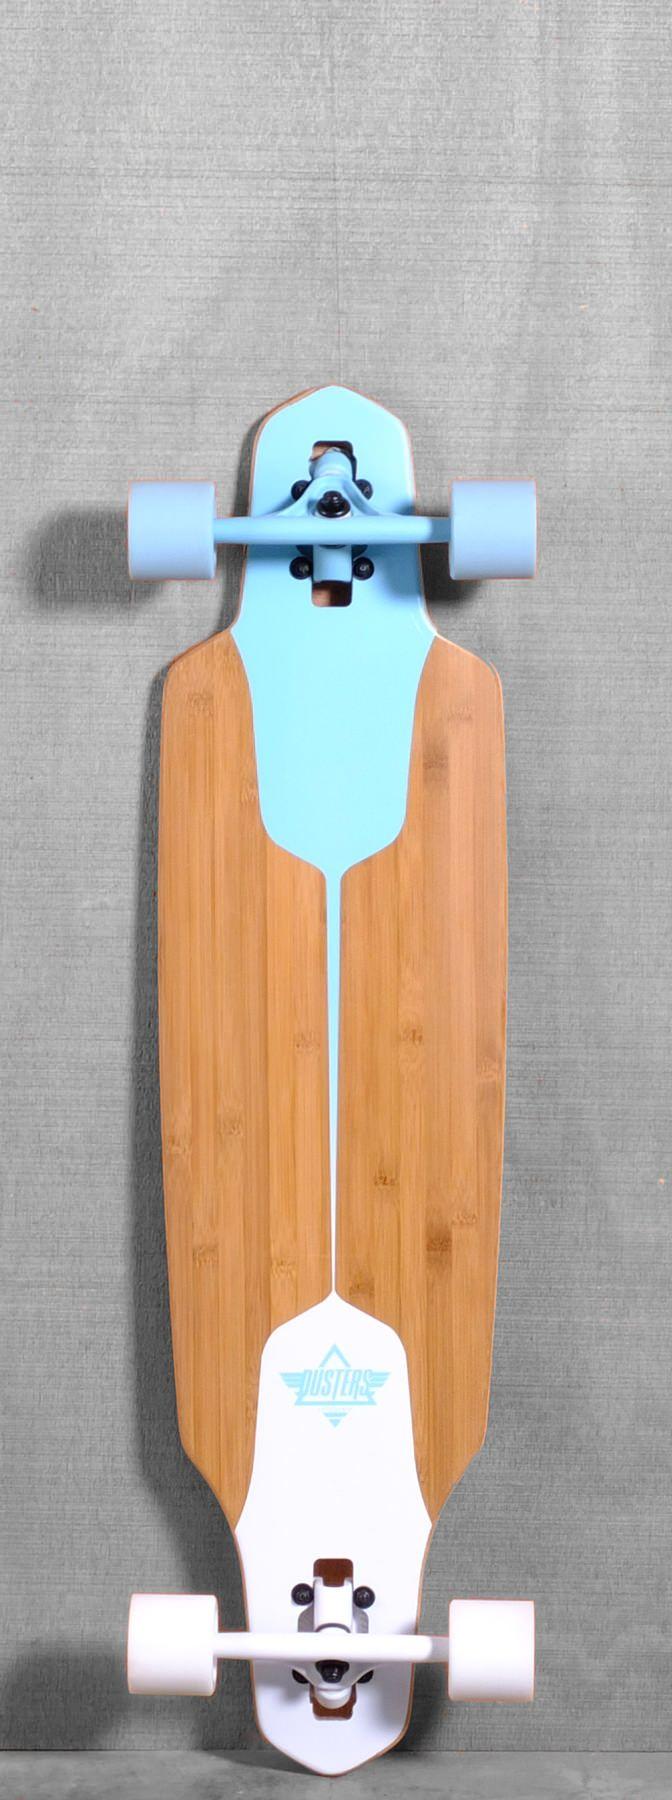 """Dusters 38"""" Channel Longboard - Blue/White sleek, classic look. aaaaawwwwwwwwwwwwweeeeeeeeeeeeeeesssssssssooooooooommmmmmmmwwwwwwwww"""